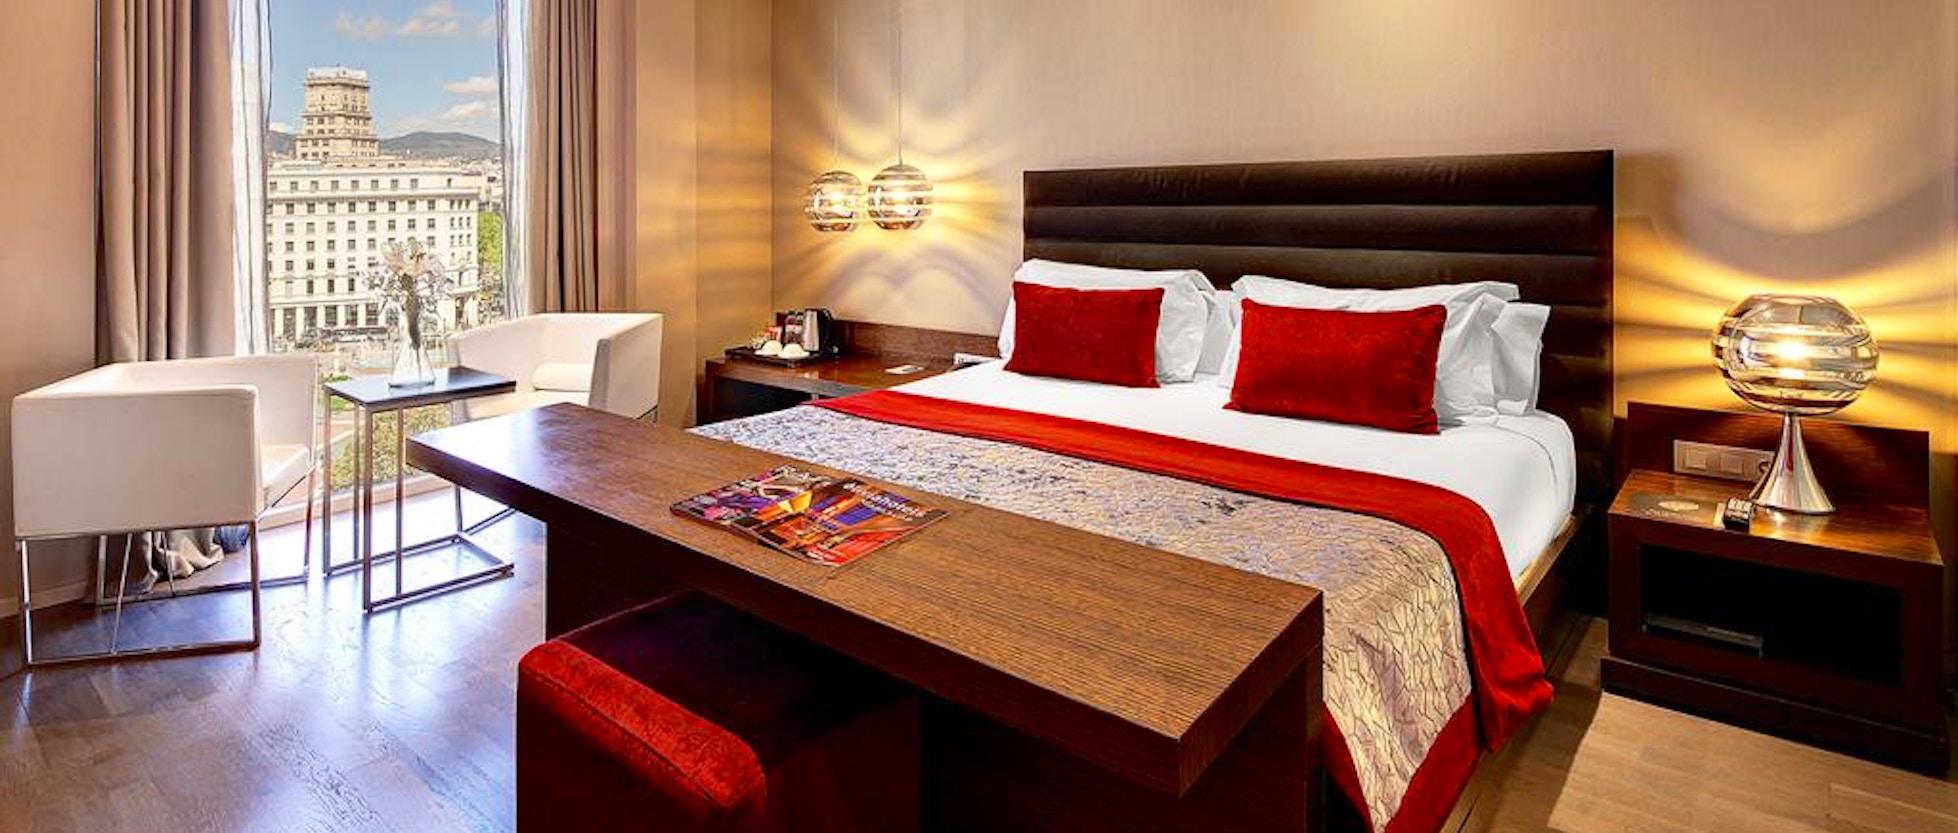 12 Hotel sulla Rambla: Dormire a Barcellona in centro